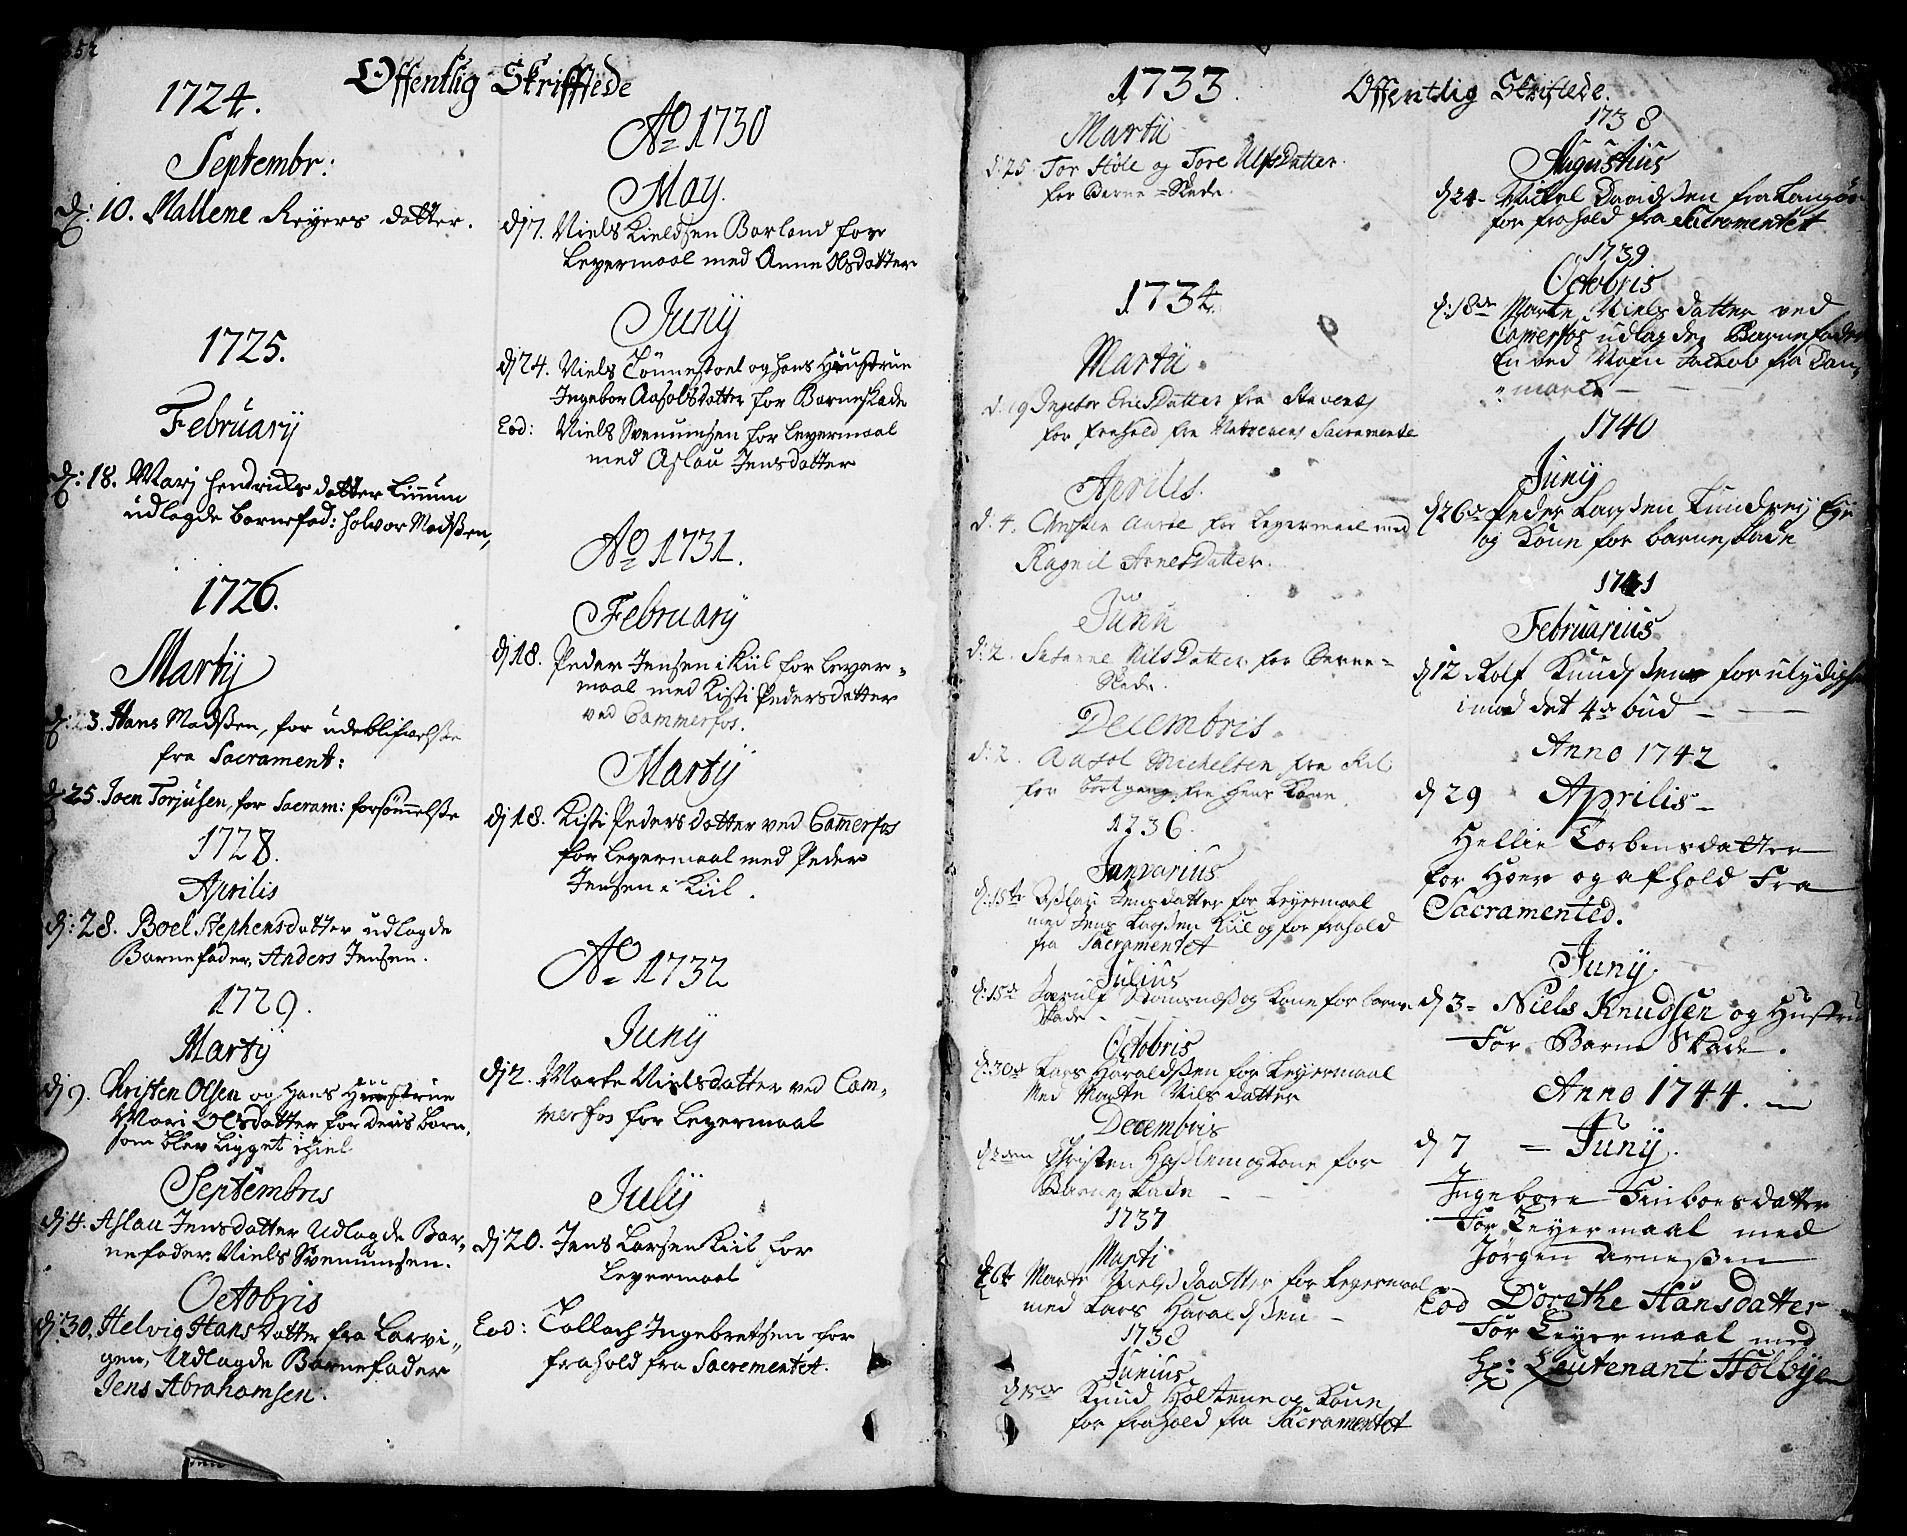 SAKO, Sannidal kirkebøker, F/Fa/L0001: Ministerialbok nr. 1, 1702-1766, s. 352-353